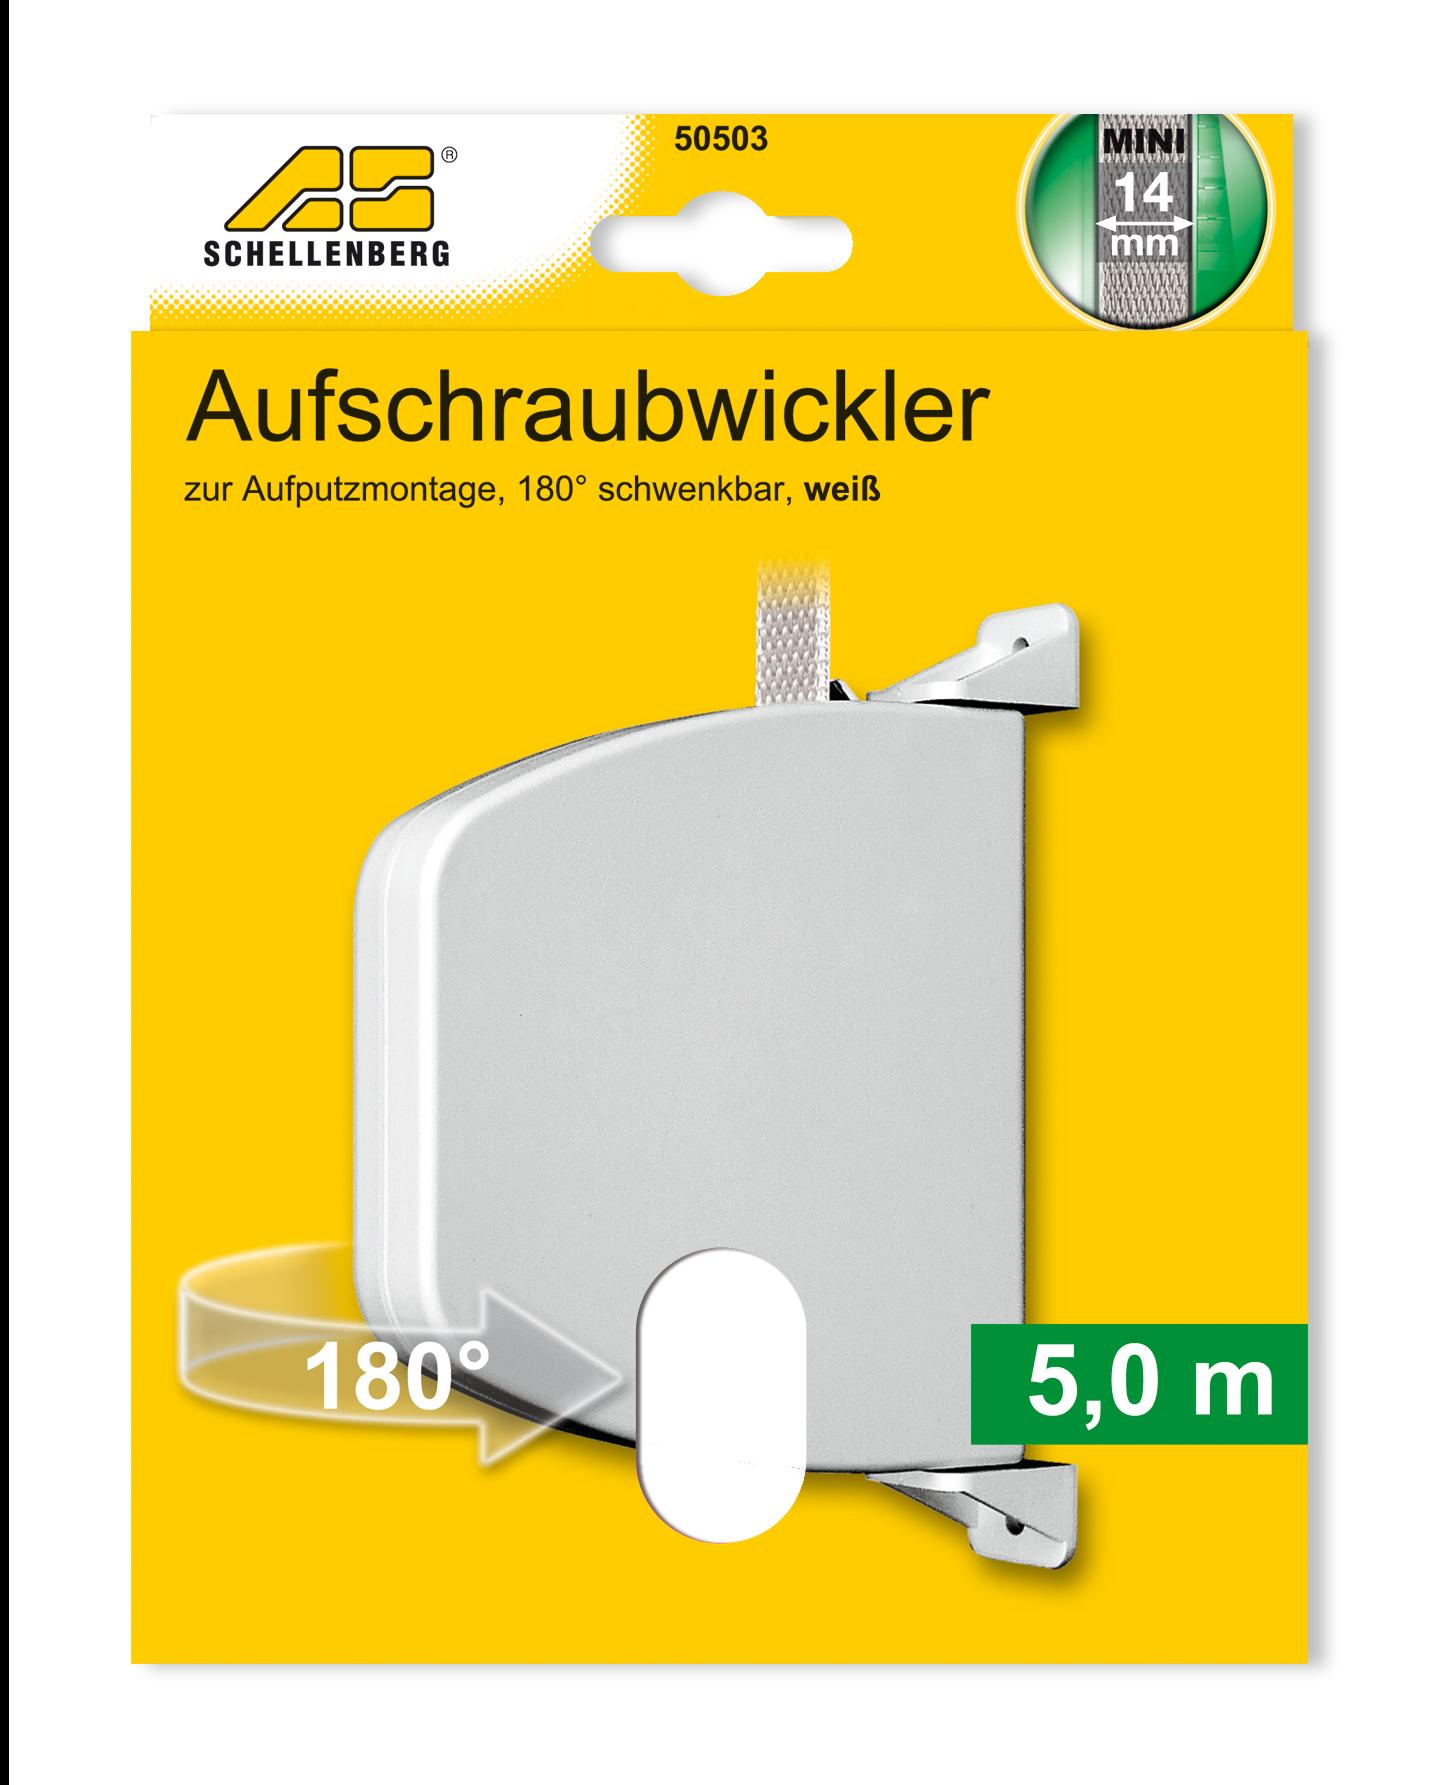 Aufschraubwickler mini 5 0 m gurt schwenkbar weiss for Hagebaumarkt pool prospekt